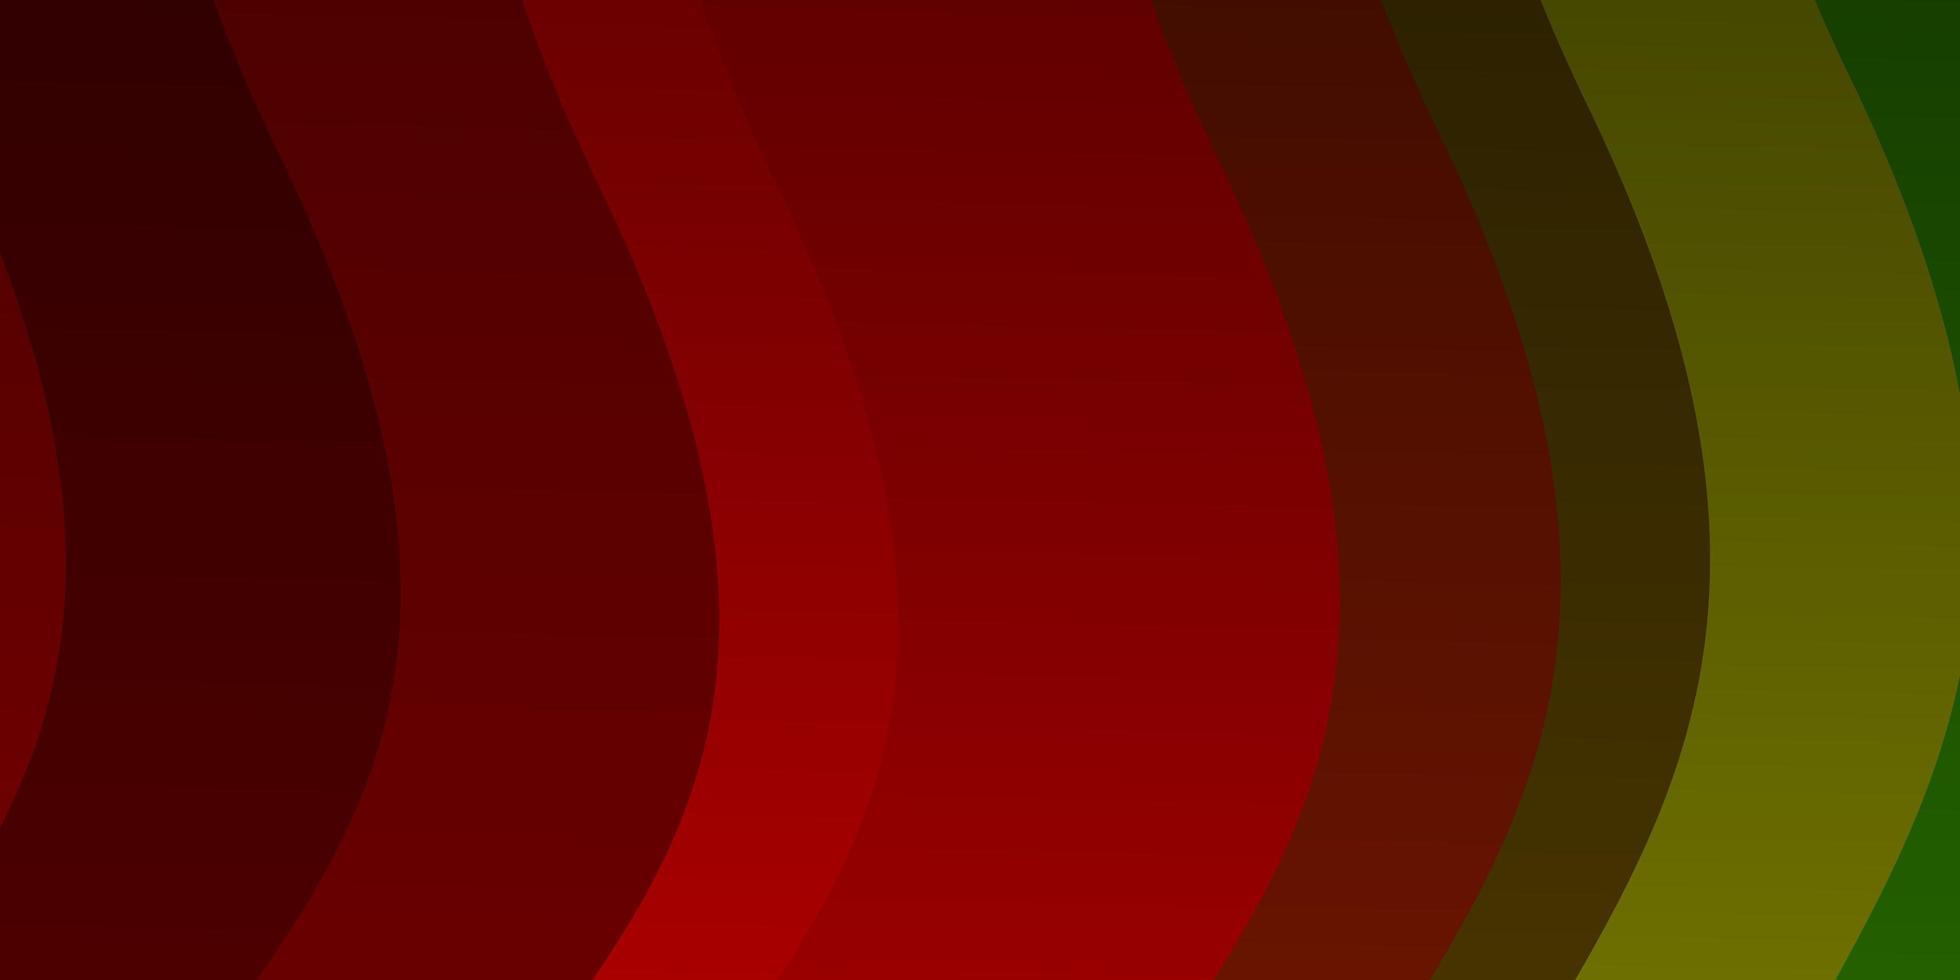 mörk flerfärgad vektorbakgrund med böjda linjer. vektor